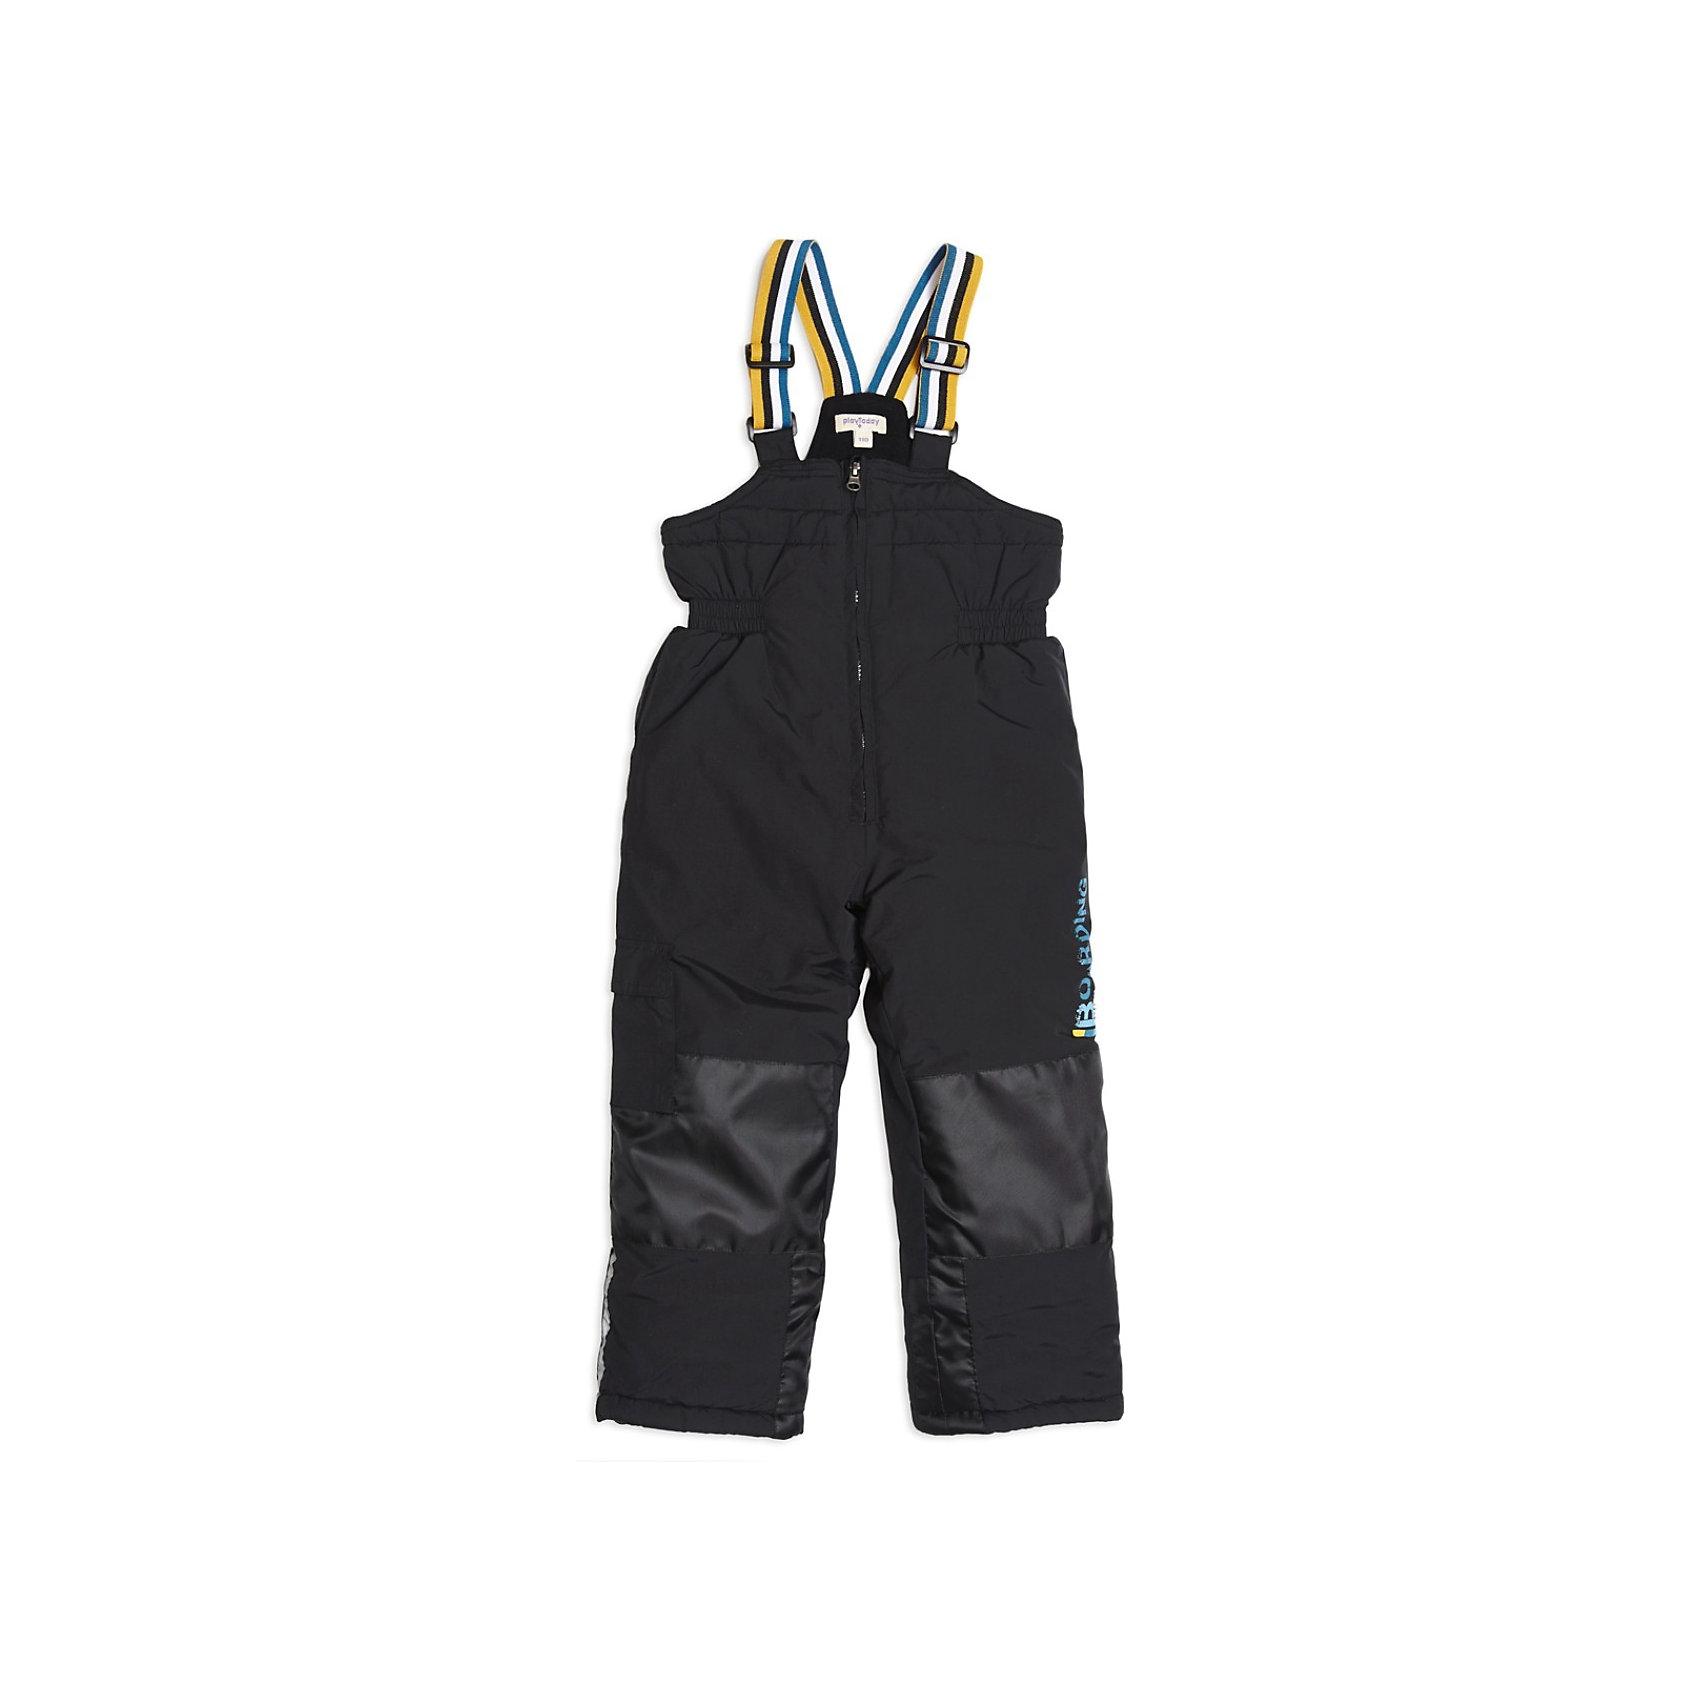 Полукомбинезон для мальчика PlayTodayВерхняя одежда<br>Полукомбинезон для мальчика от известной марки PlayToday расчитан на осеннюю погоду, можно носить с поддевой до температуры 0 градусов.<br>* функциональный утепленный полукомбинезон для ежедневных прогулок<br>* для более комфортных и долгих прогулок комбинезон в области колен, сзади и по внутреннему шагу дополнен вставками из усиленного непромокаемого материала<br>* застежка – молния<br>* бретели – регулируемая резинка<br>* вшитая резинка на поясе<br>* двойной низ брючин: внутренний слой по низу на резинке снегозащита - надевается на сапоги; внешний слой по низу утягивается стопперами<br><br>Состав: верх: 100% нейлон, подкладка: 100% полиэстер, наполнитель: 100% полиэстер<br><br>Полукомбинезон для мальчика PlayToday (Плейтудей) можно купить в нашем магазине.<br><br>Ширина мм: 215<br>Глубина мм: 88<br>Высота мм: 191<br>Вес г: 336<br>Цвет: черный<br>Возраст от месяцев: 36<br>Возраст до месяцев: 48<br>Пол: Мужской<br>Возраст: Детский<br>Размер: 104,128,110,122,116,98<br>SKU: 3743148